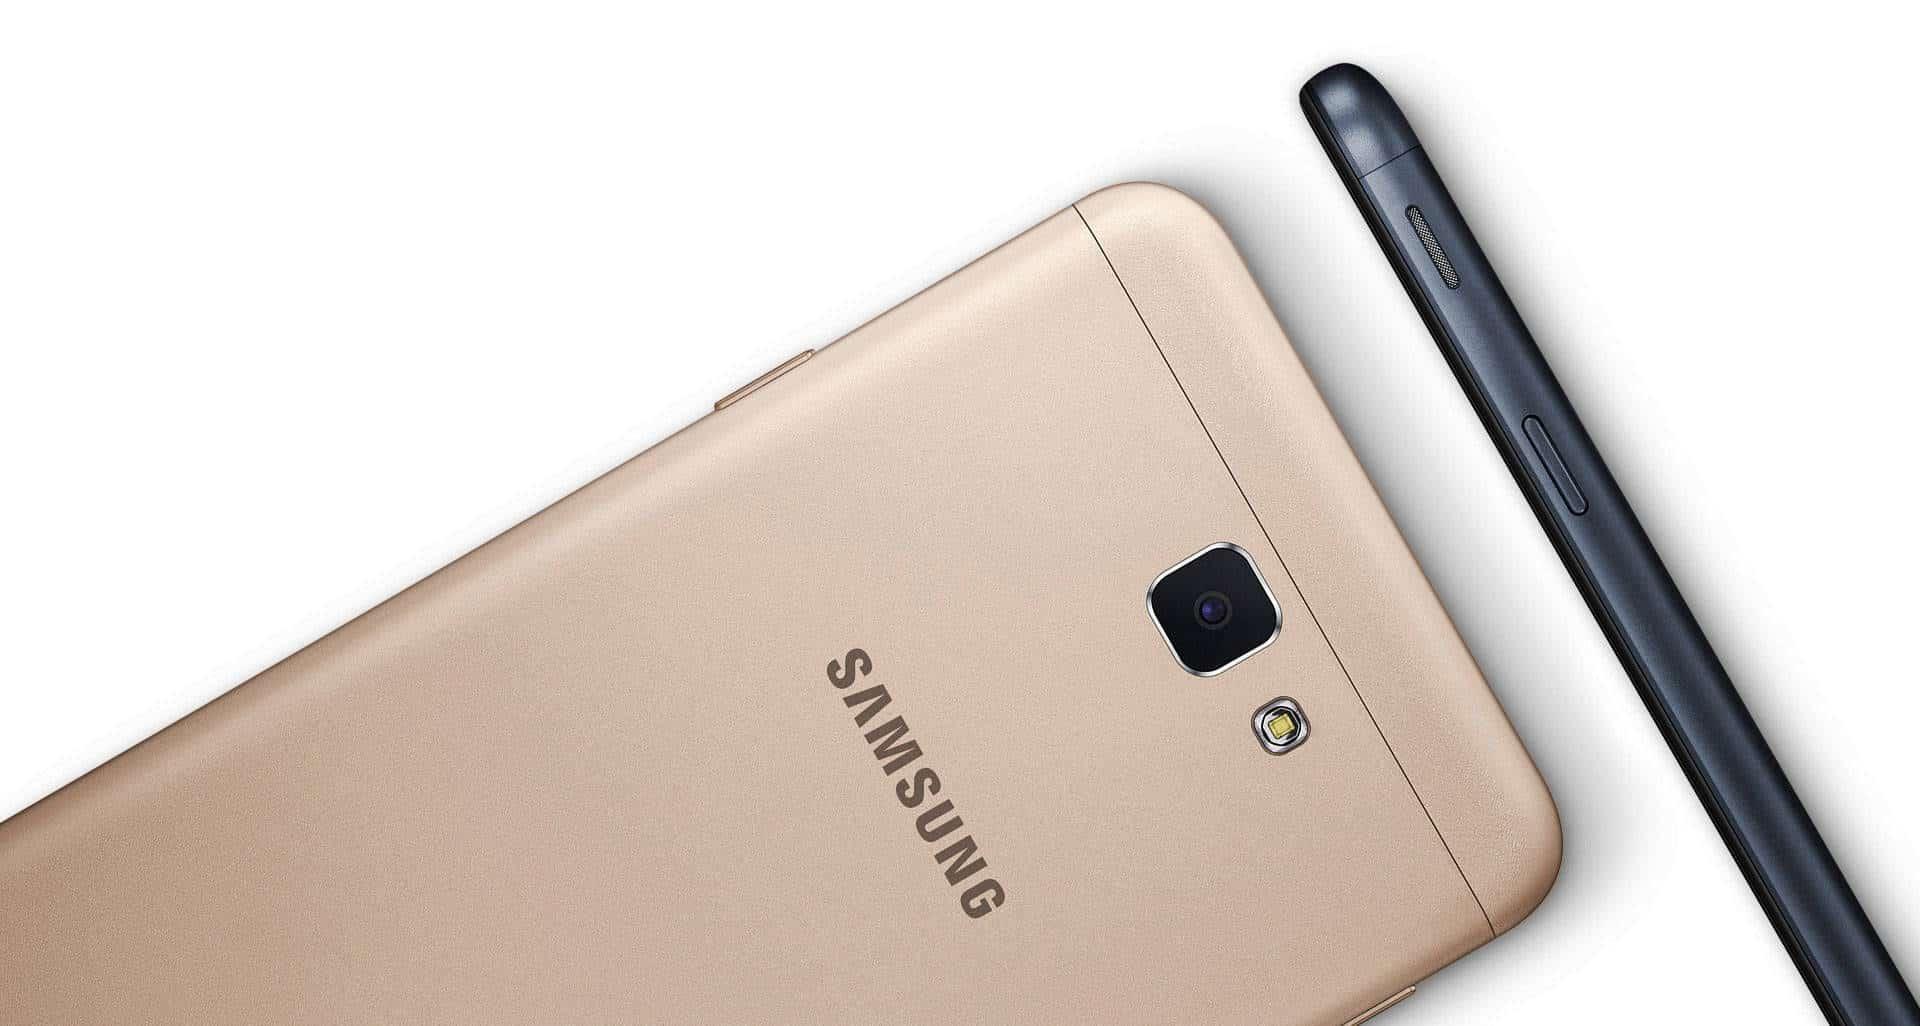 Harga Samsung J7 Prime